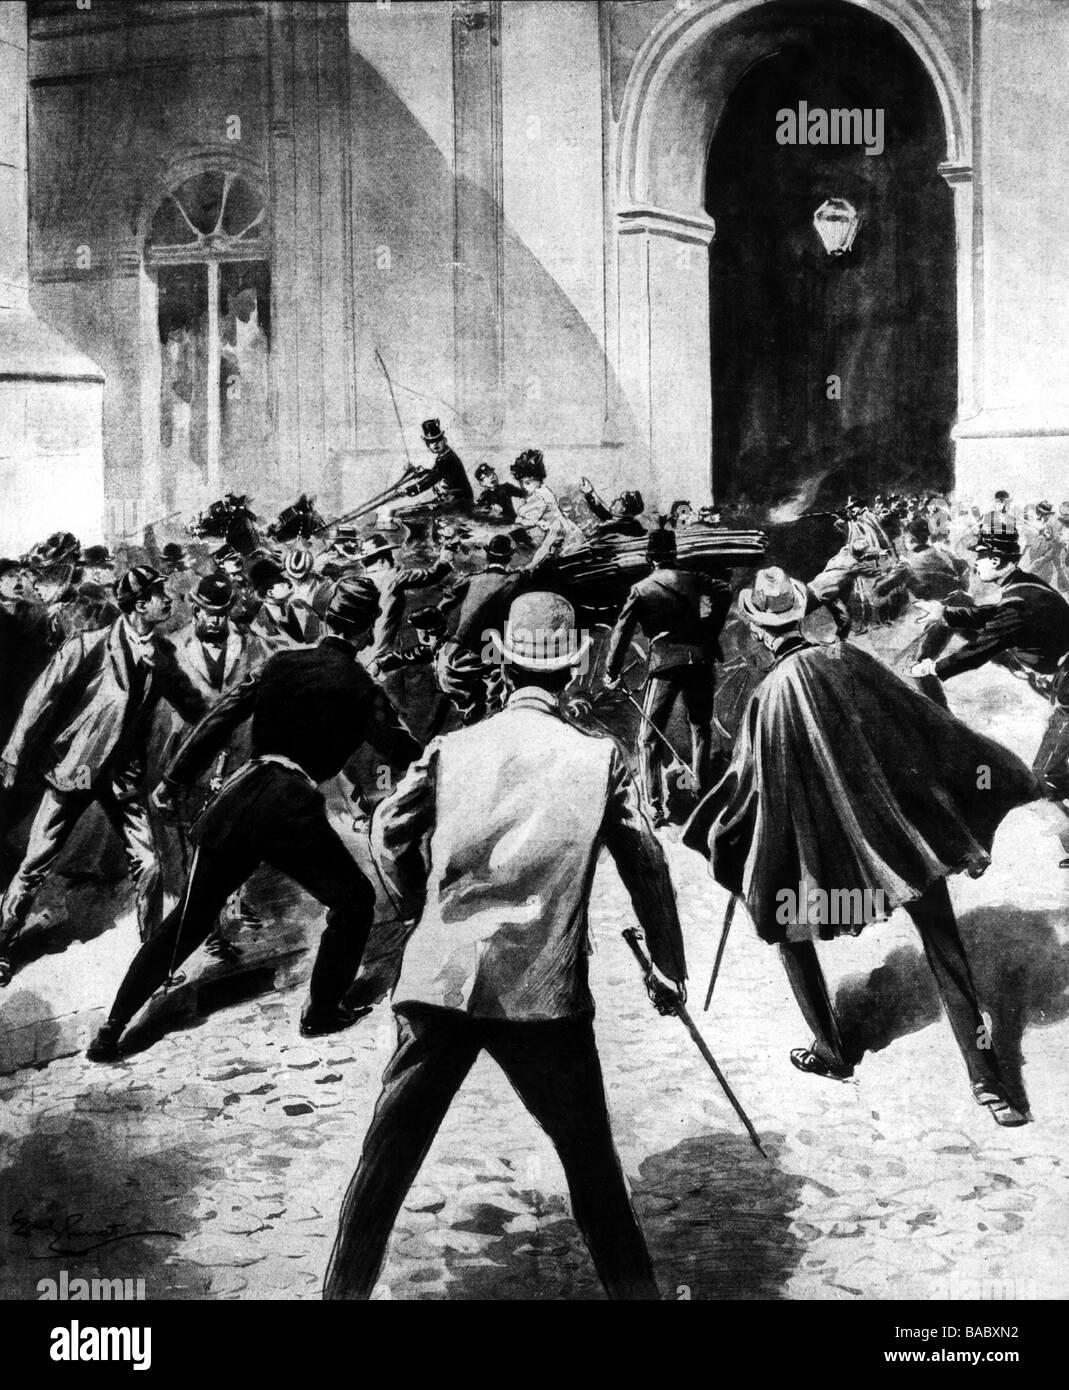 Charles, i, 28.9.1863 - 1.2.1908, Re del Portogallo 1889 - 1908, morte, assassinio a Lisbona, 1.2.1908, illustrazione Foto Stock